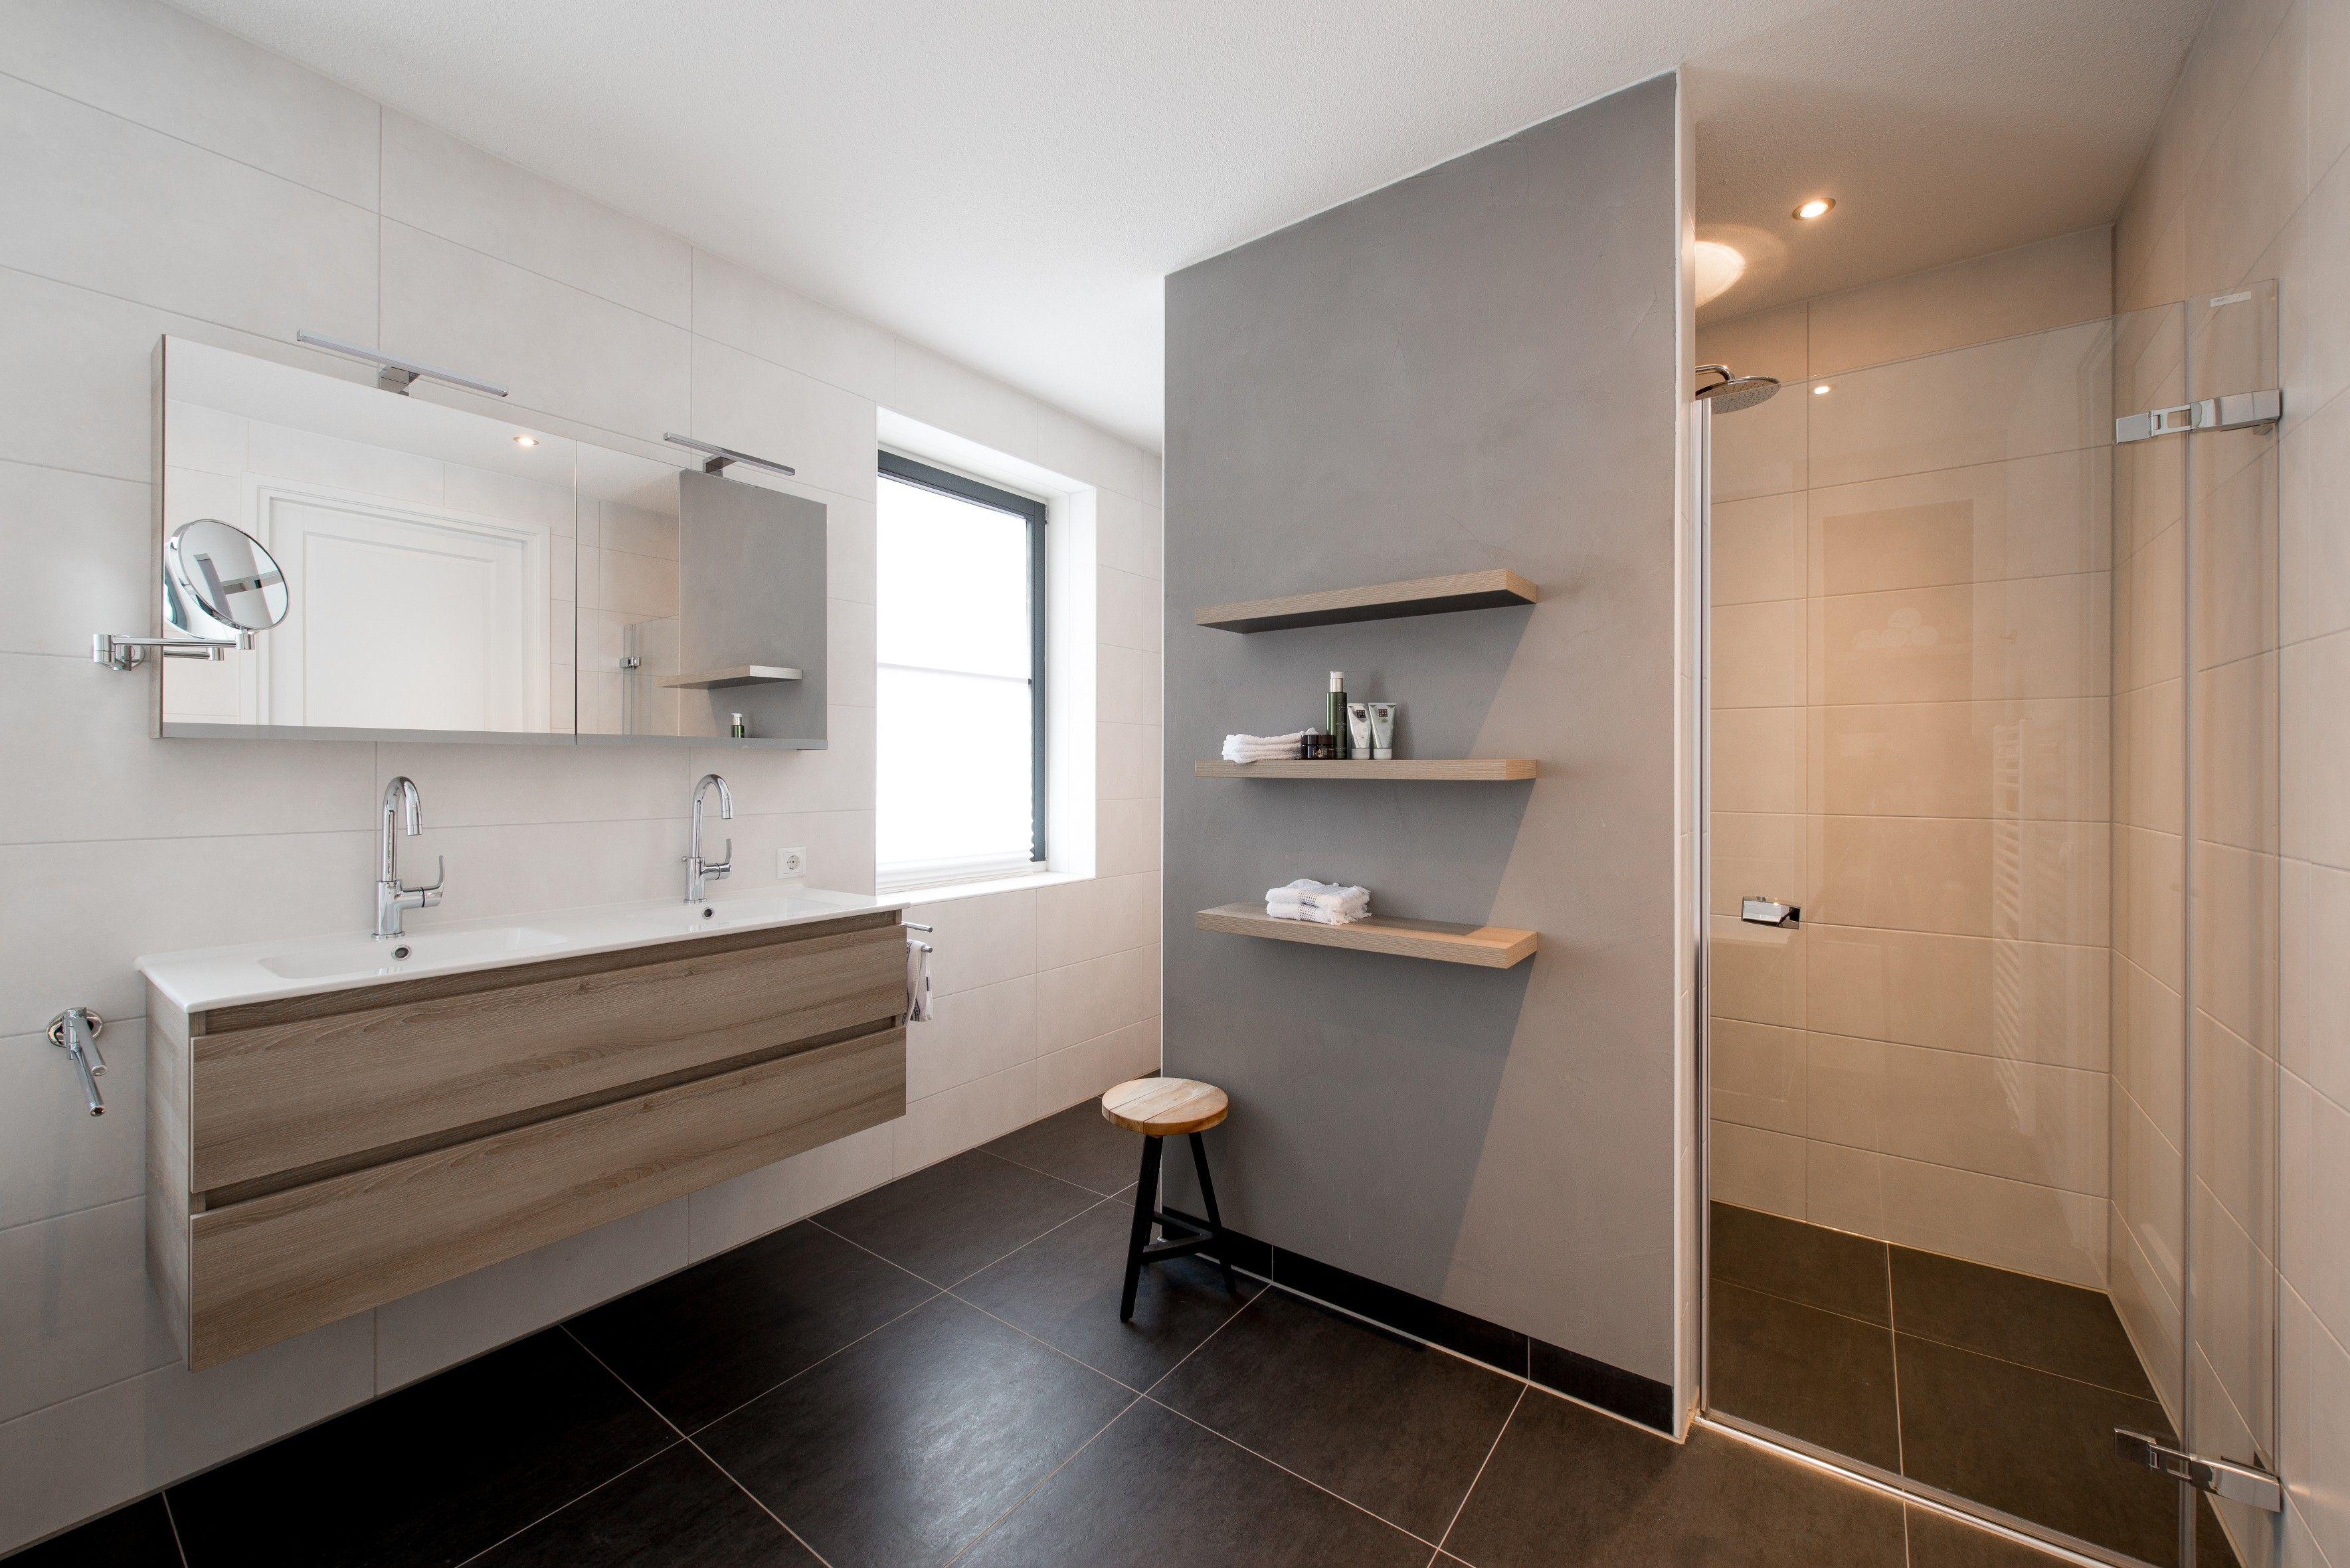 Badkamer Modern Landelijk : Een modern landelijke badkamer van middelkoop. hier hebben we een